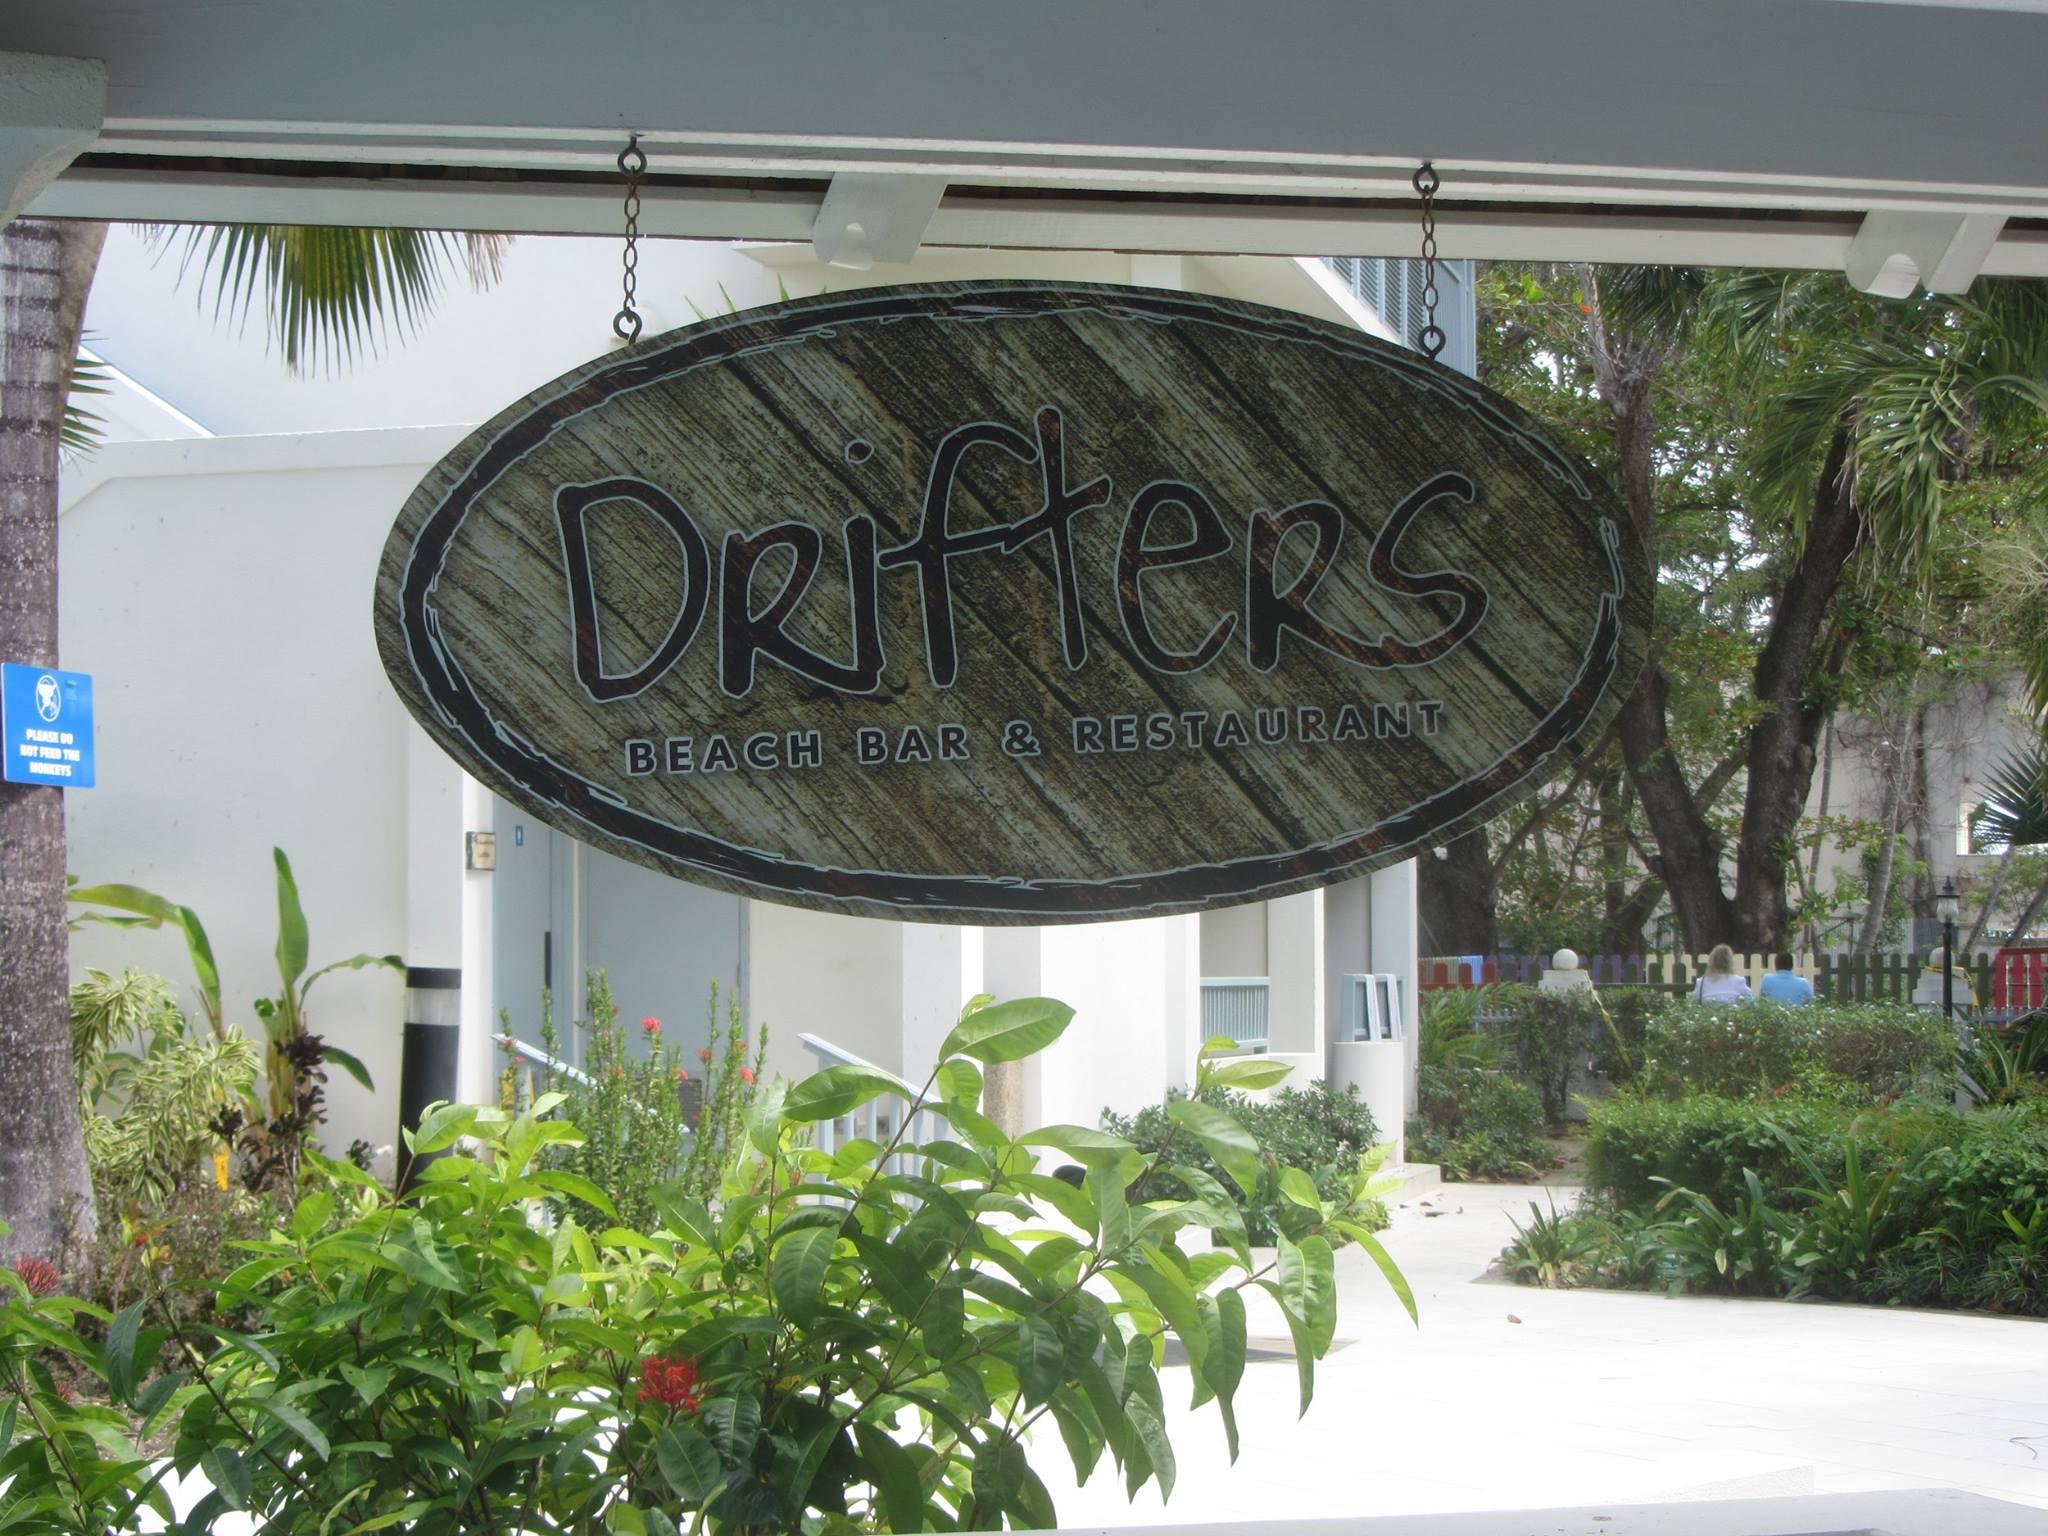 Drifters Restaurant